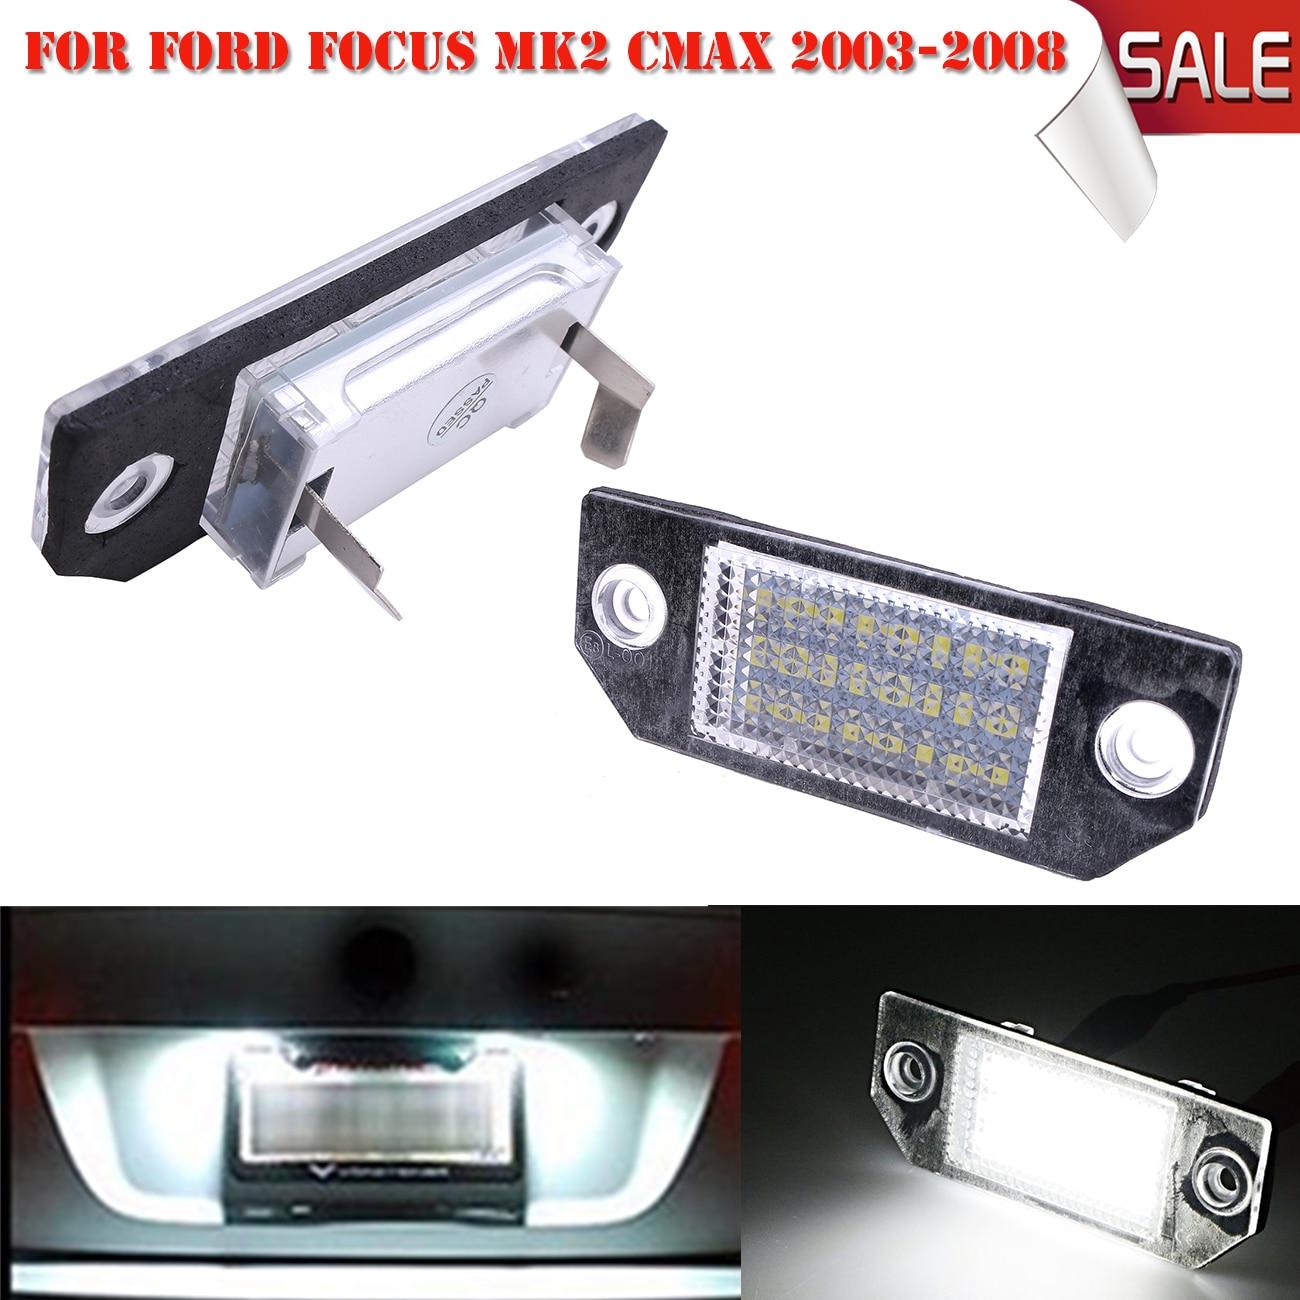 1 par luz de la matr cula l mparas de repuesto para ford focus c max mk2